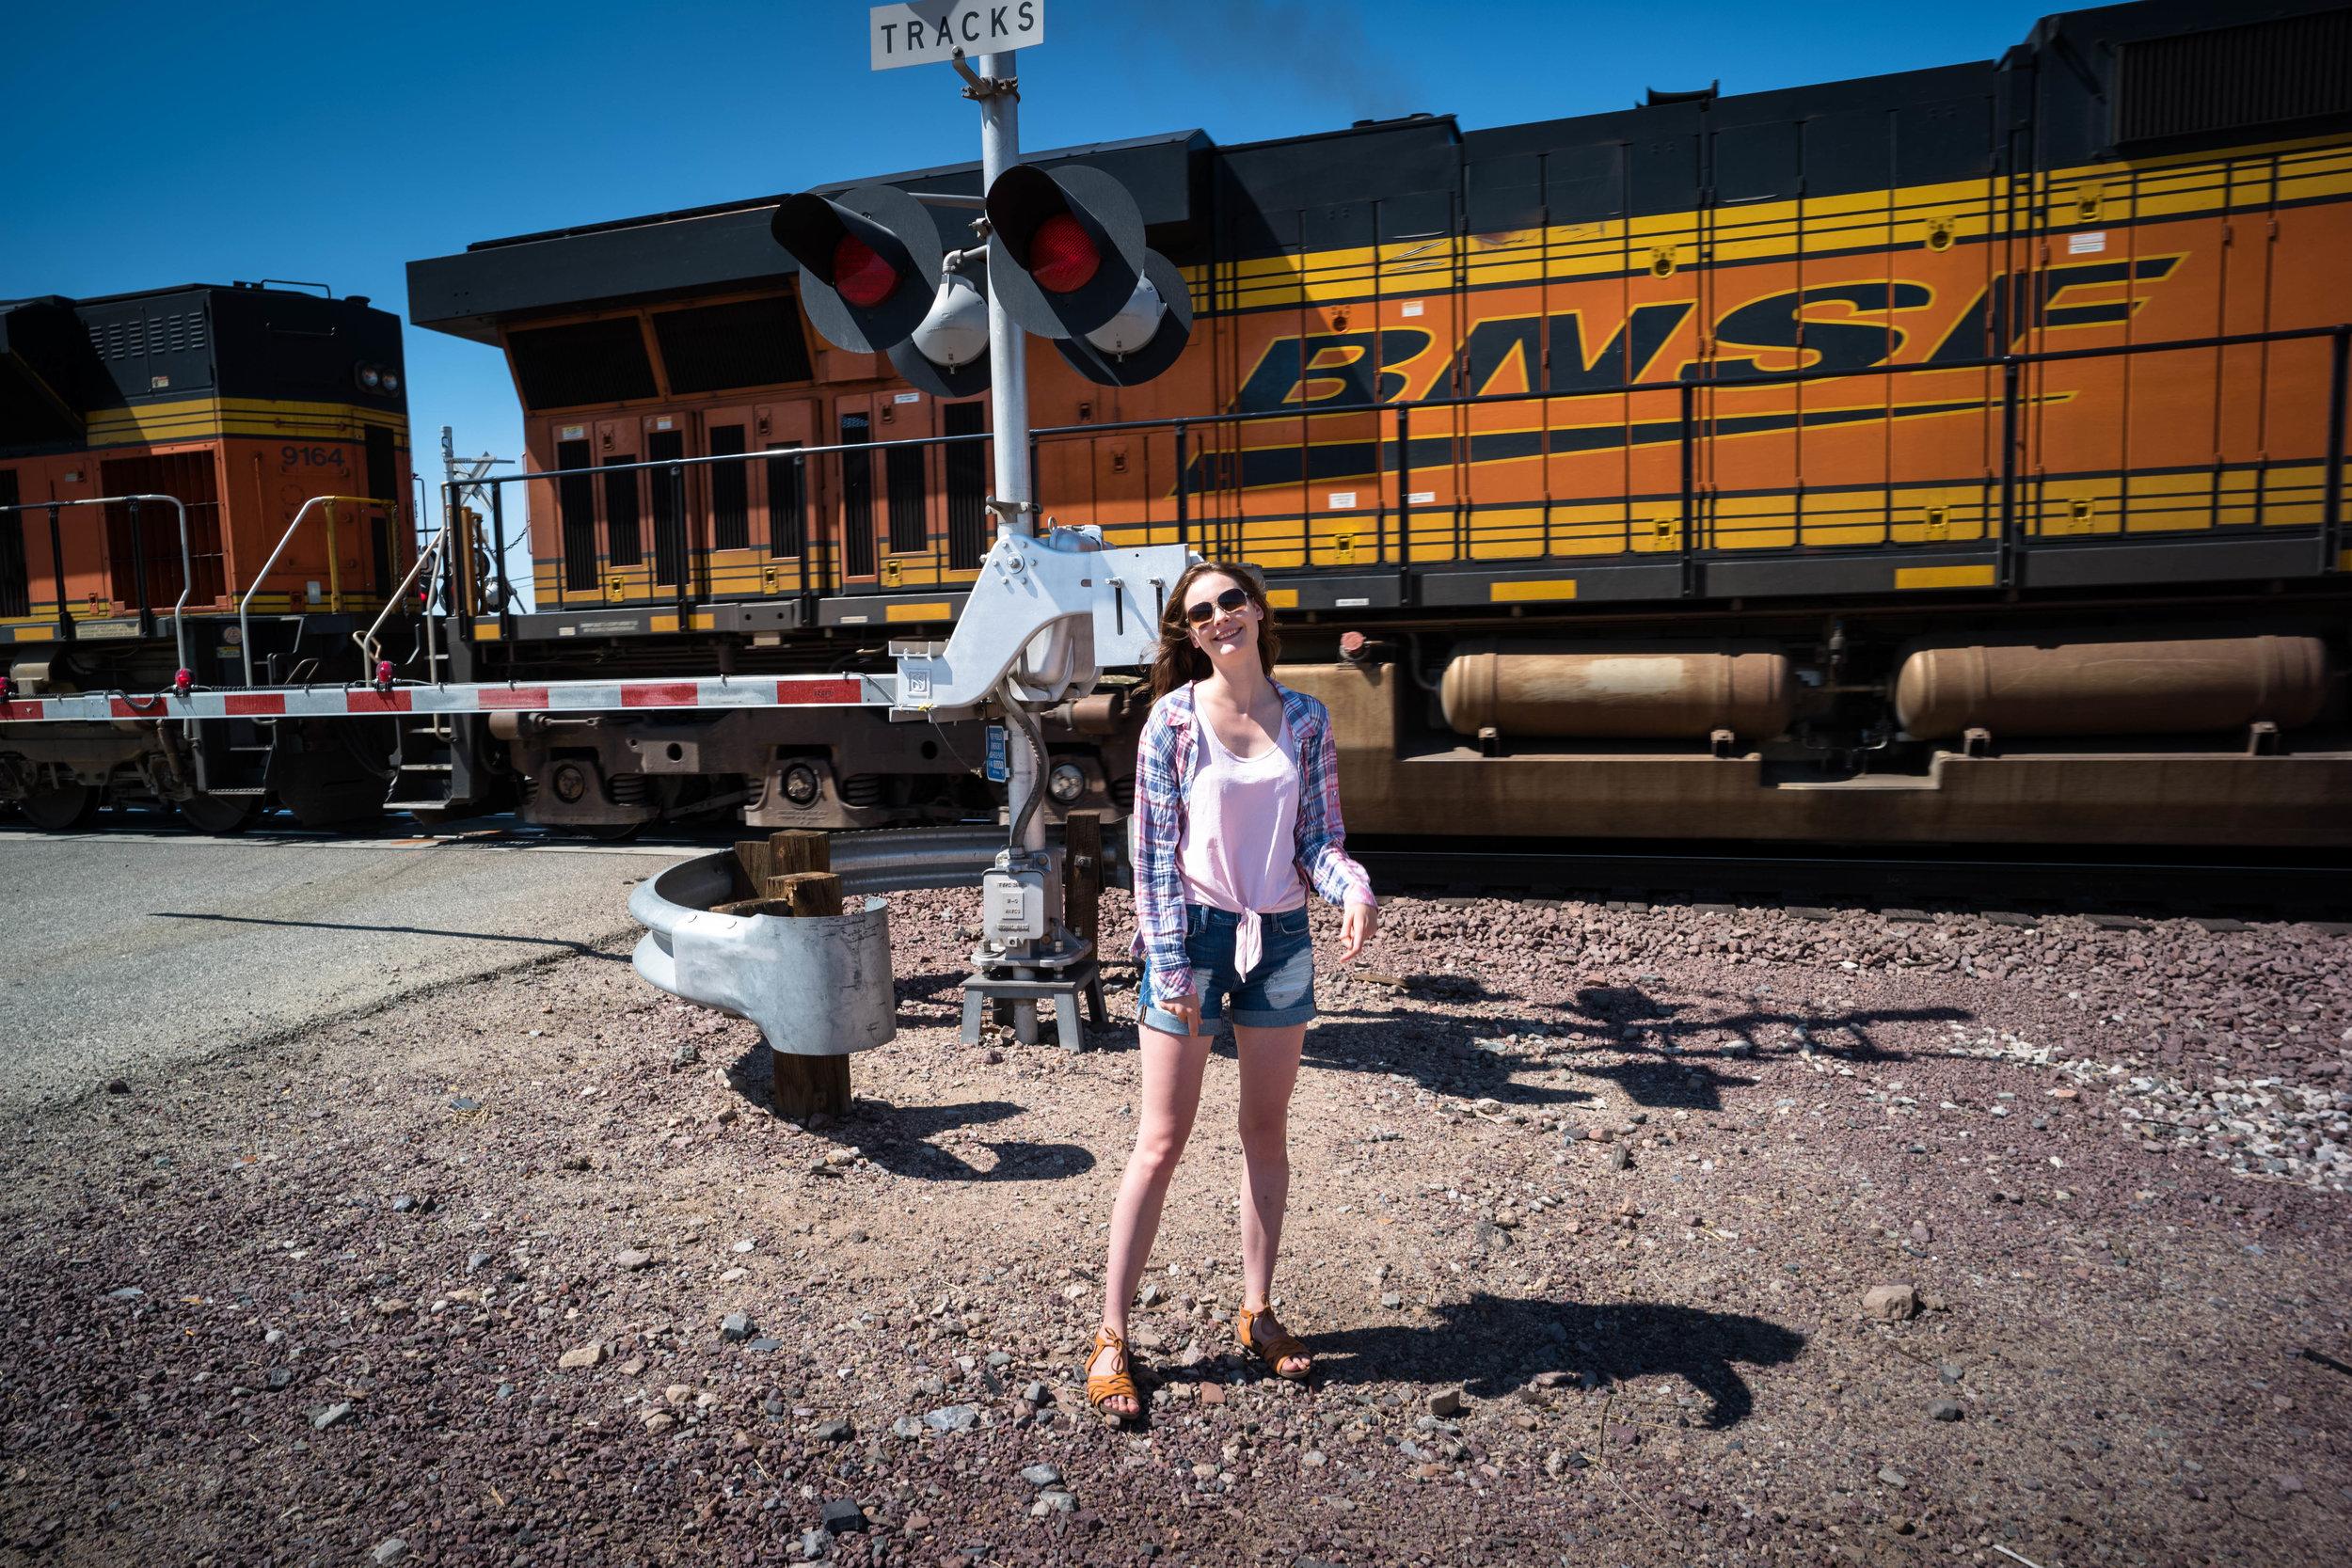 The Burlington North Santa Fe line. Leica 21mm f/3.4 Super Elmar ASPH